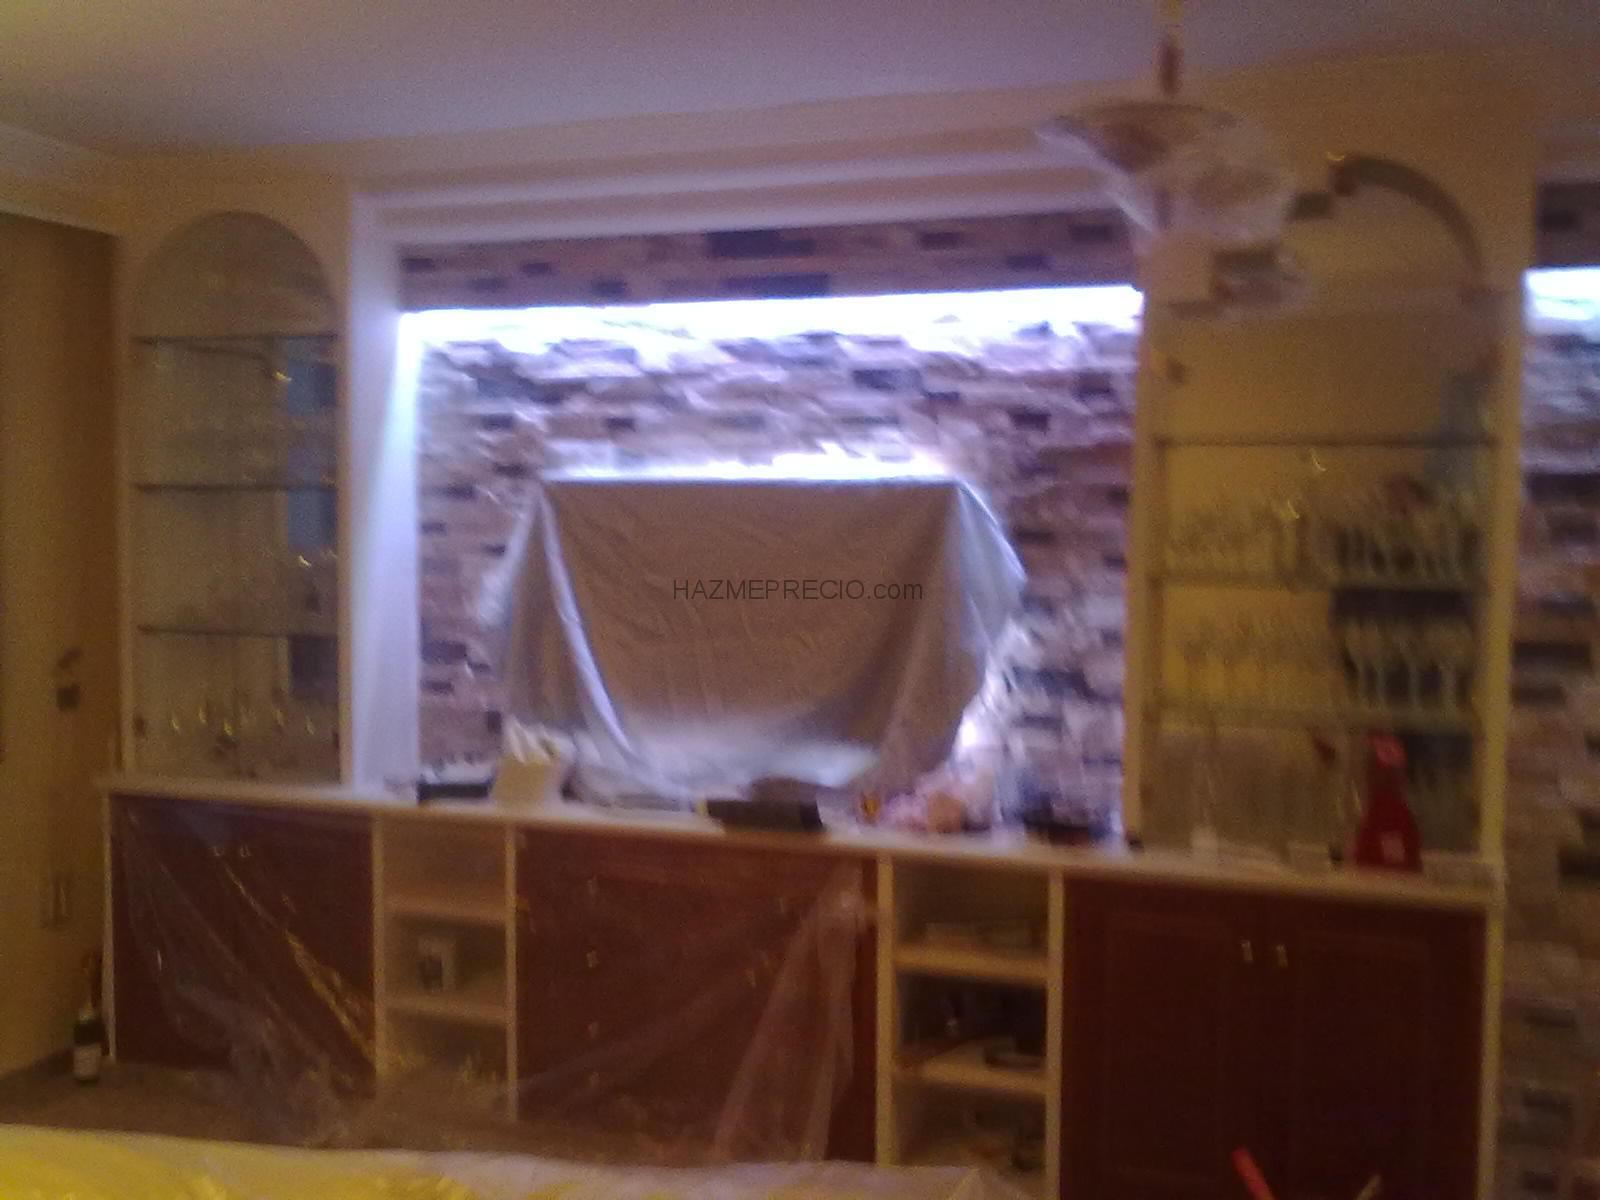 Muebles de escayola pladur hd 1080p 4k foto - Muebles de escayola ...